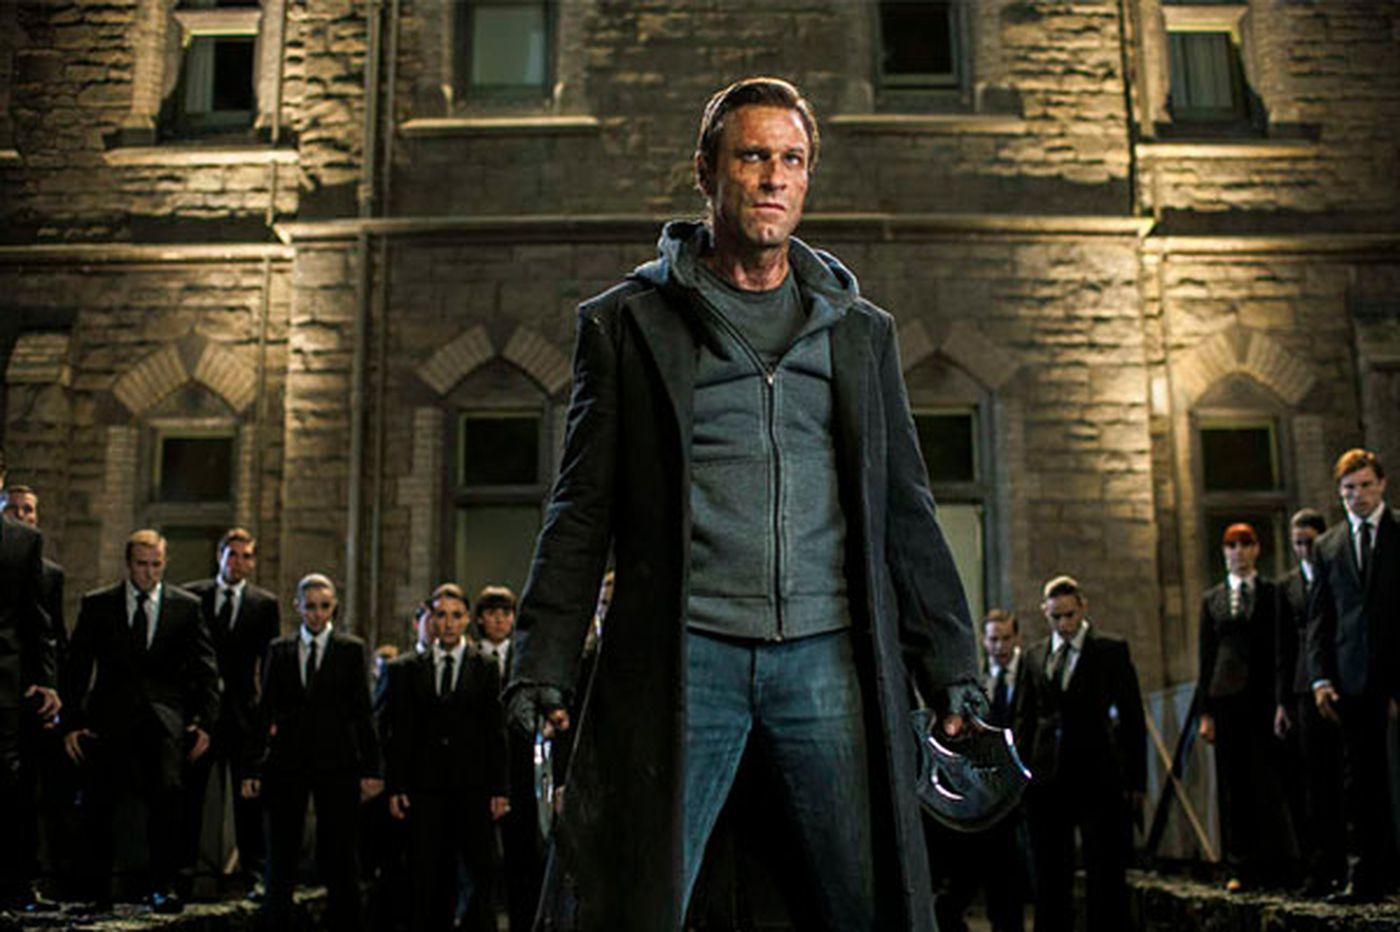 'I, Frankenstein': It's, well, sort of alive